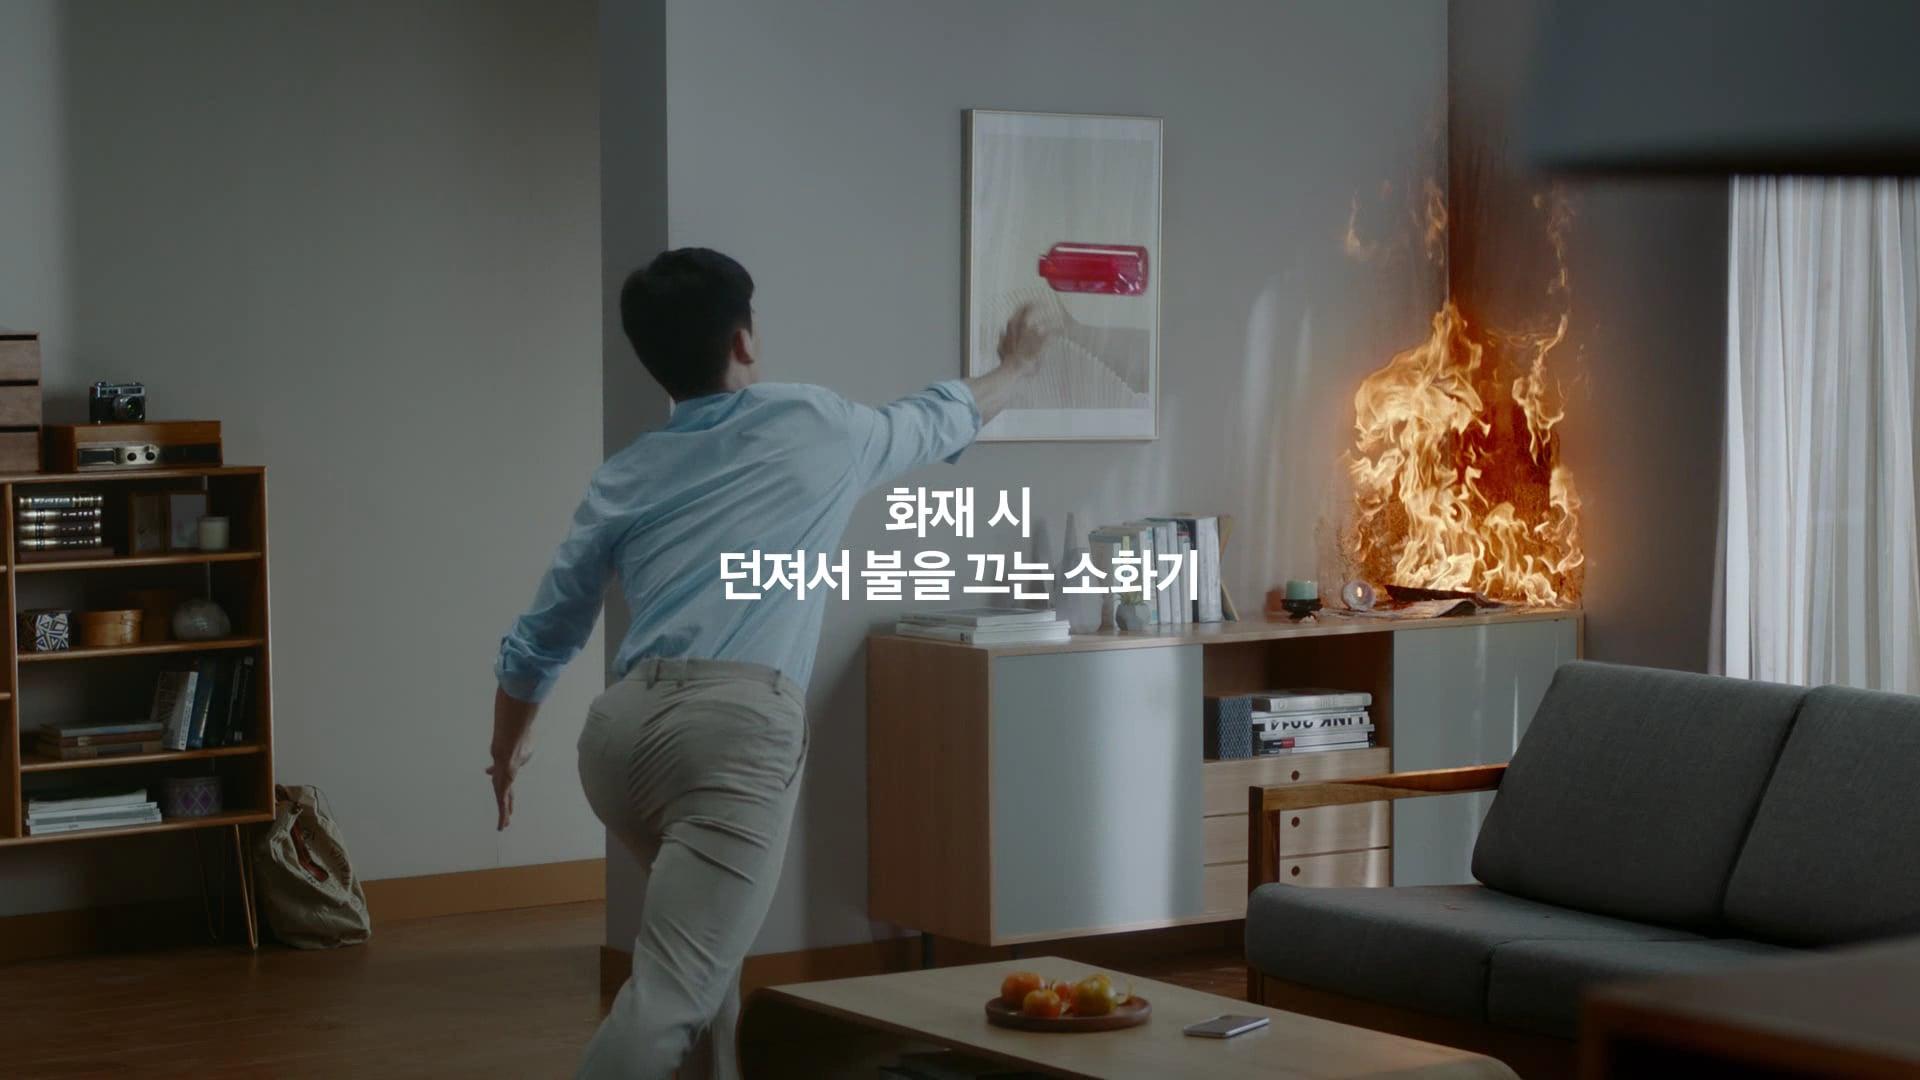 삼성화재 firevase 바이럴